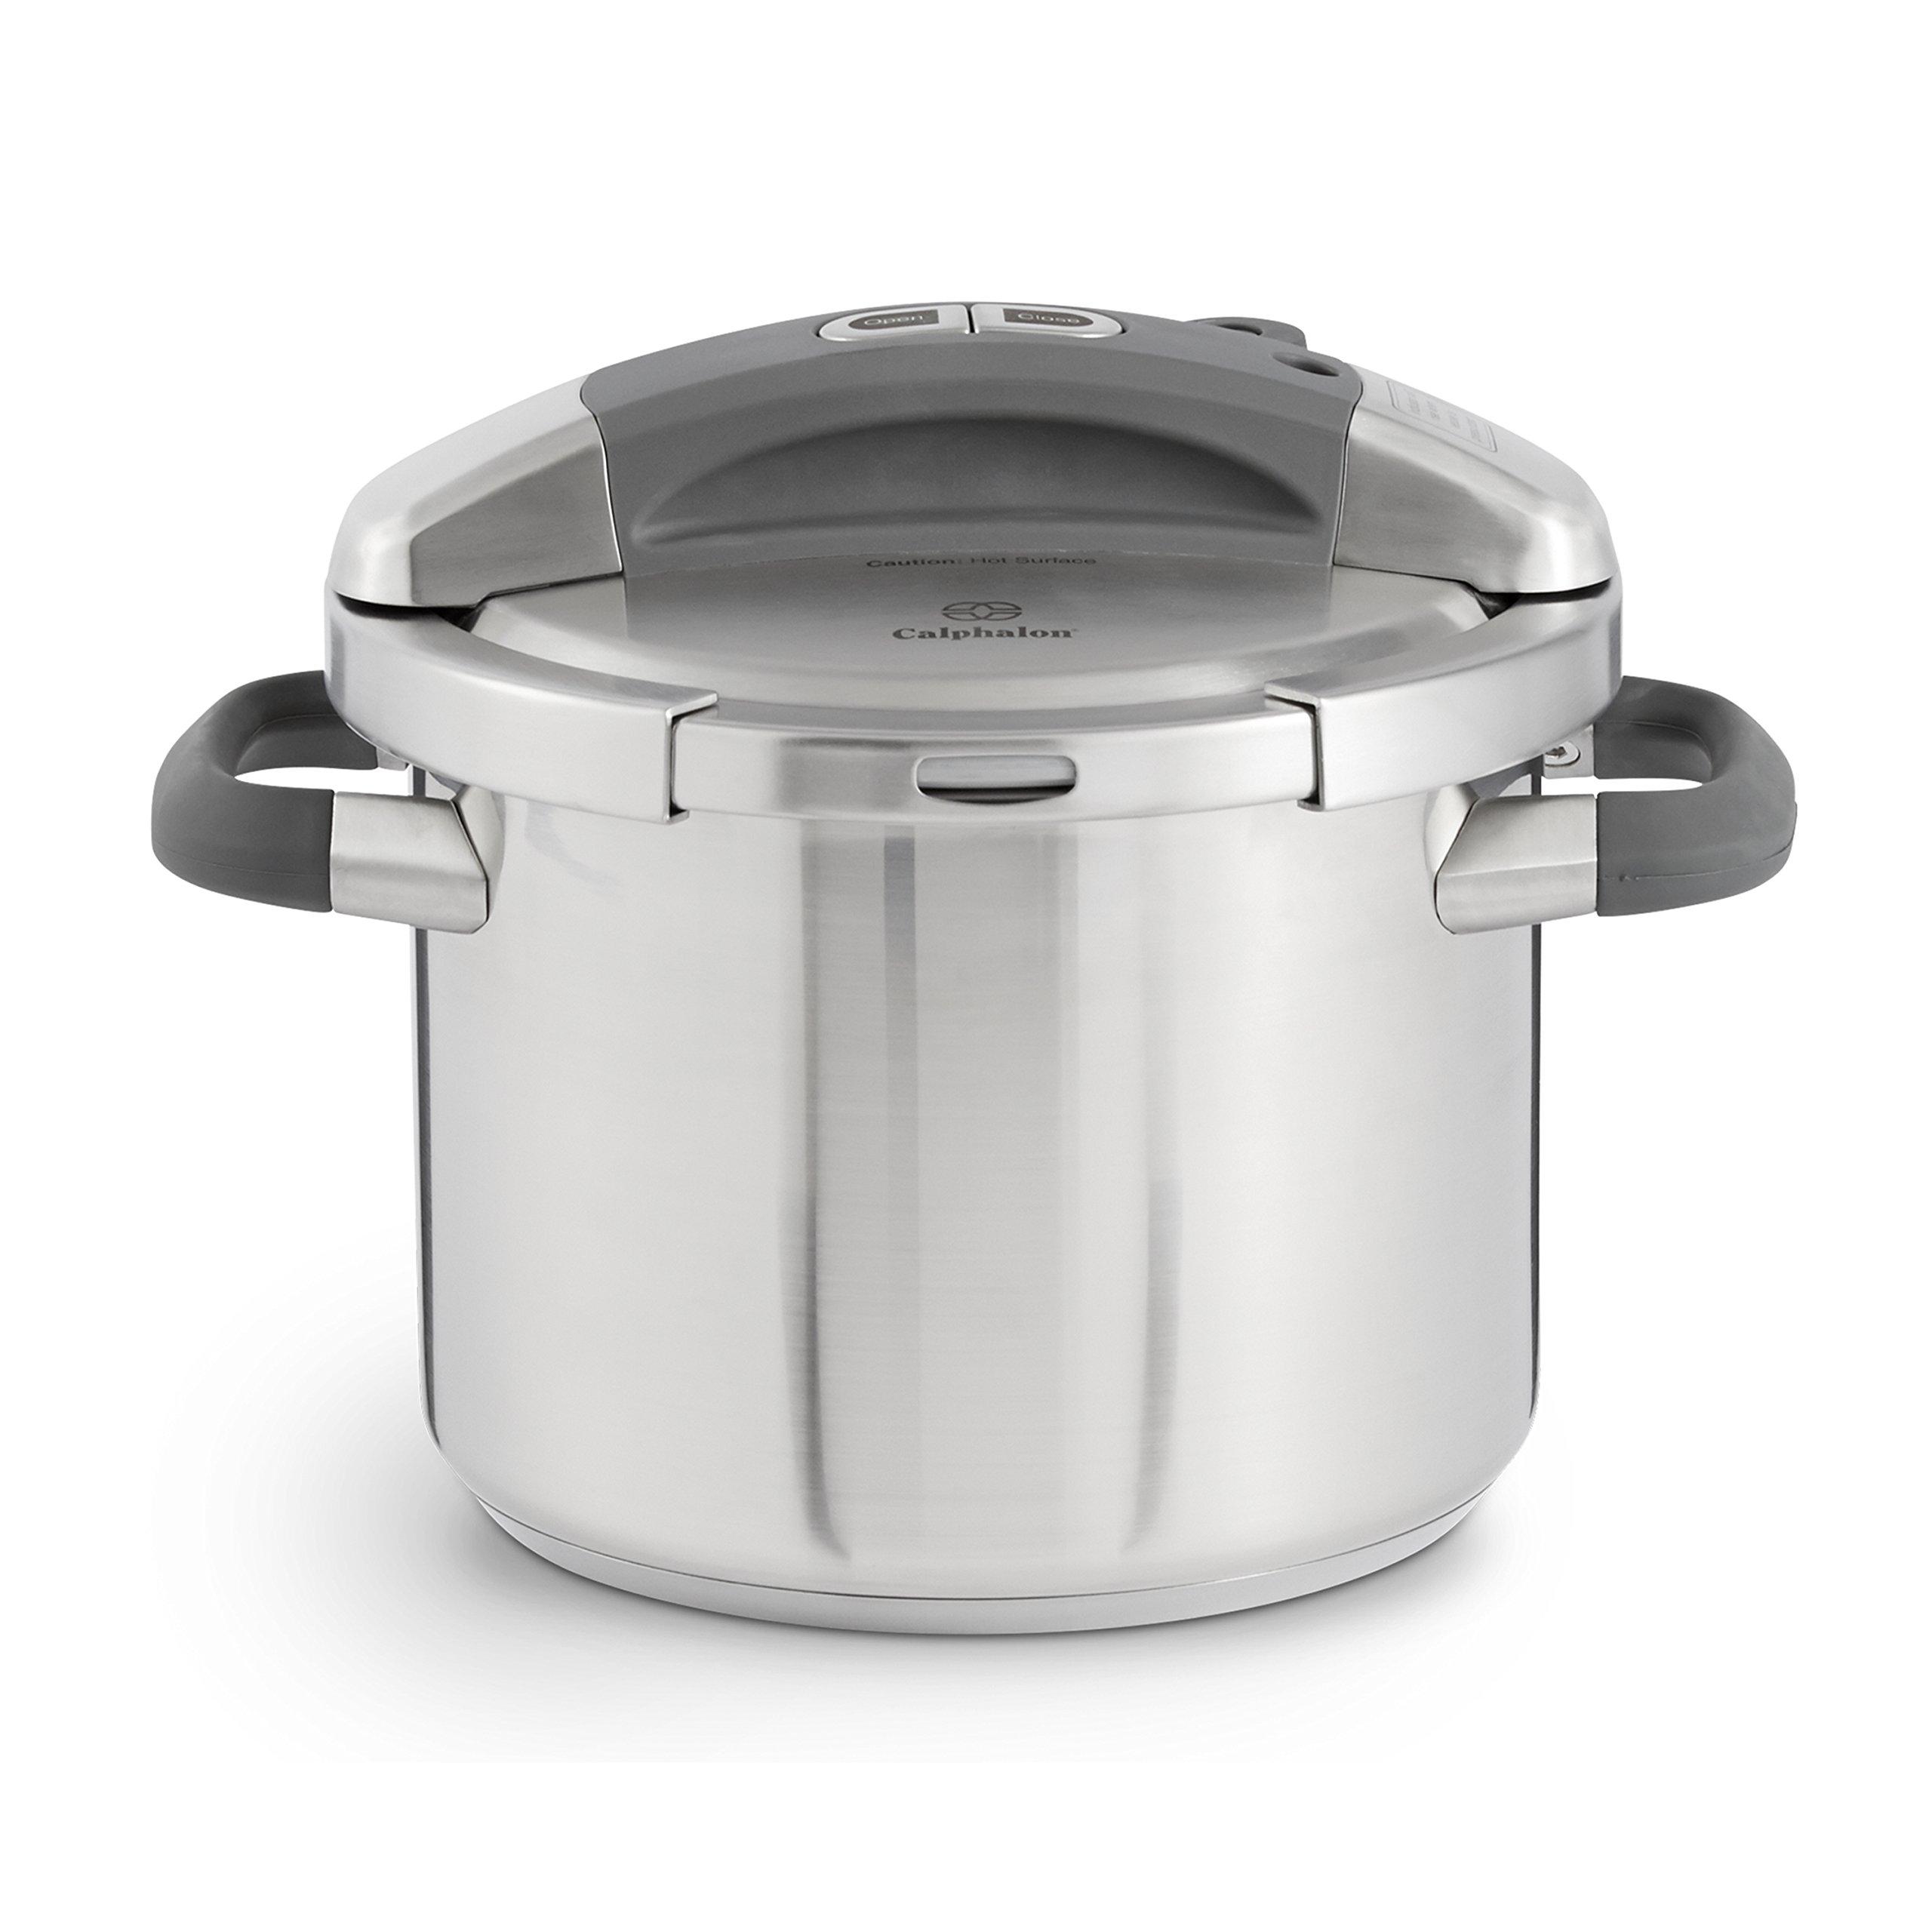 Calphalon Stainless Steel Pressure Cooker, 6-quart